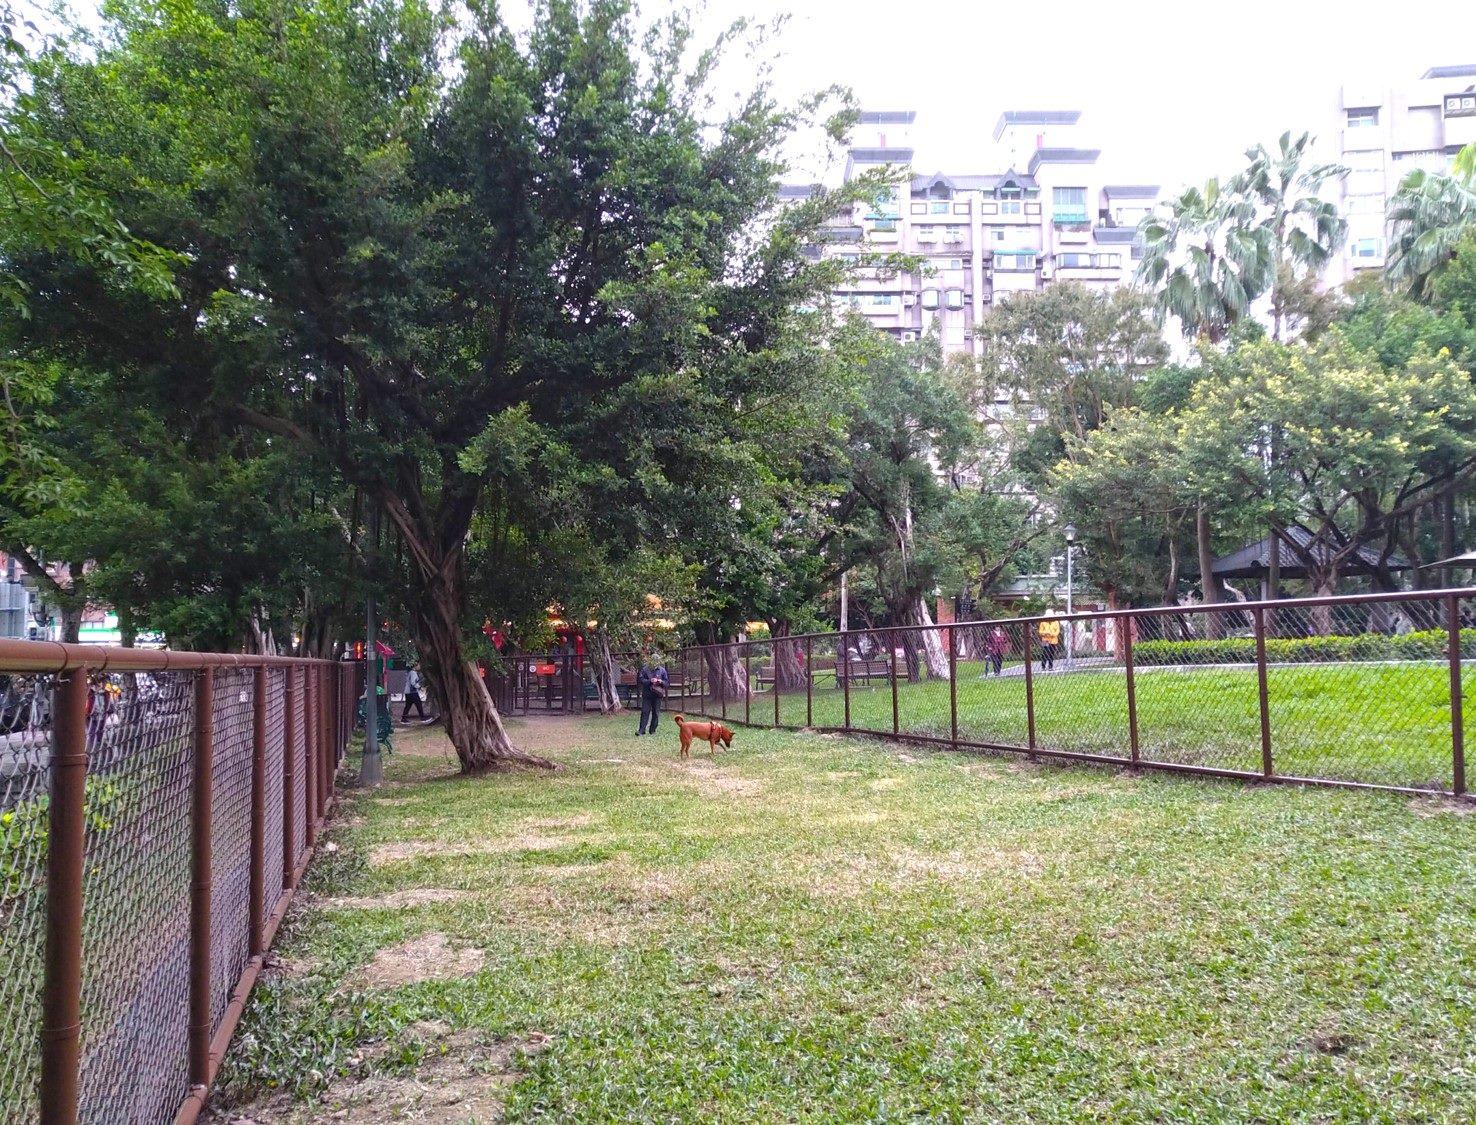 玉成公園狗活動區近期正式開放使用,大小型犬共用同一空間。圖/北市府動保處